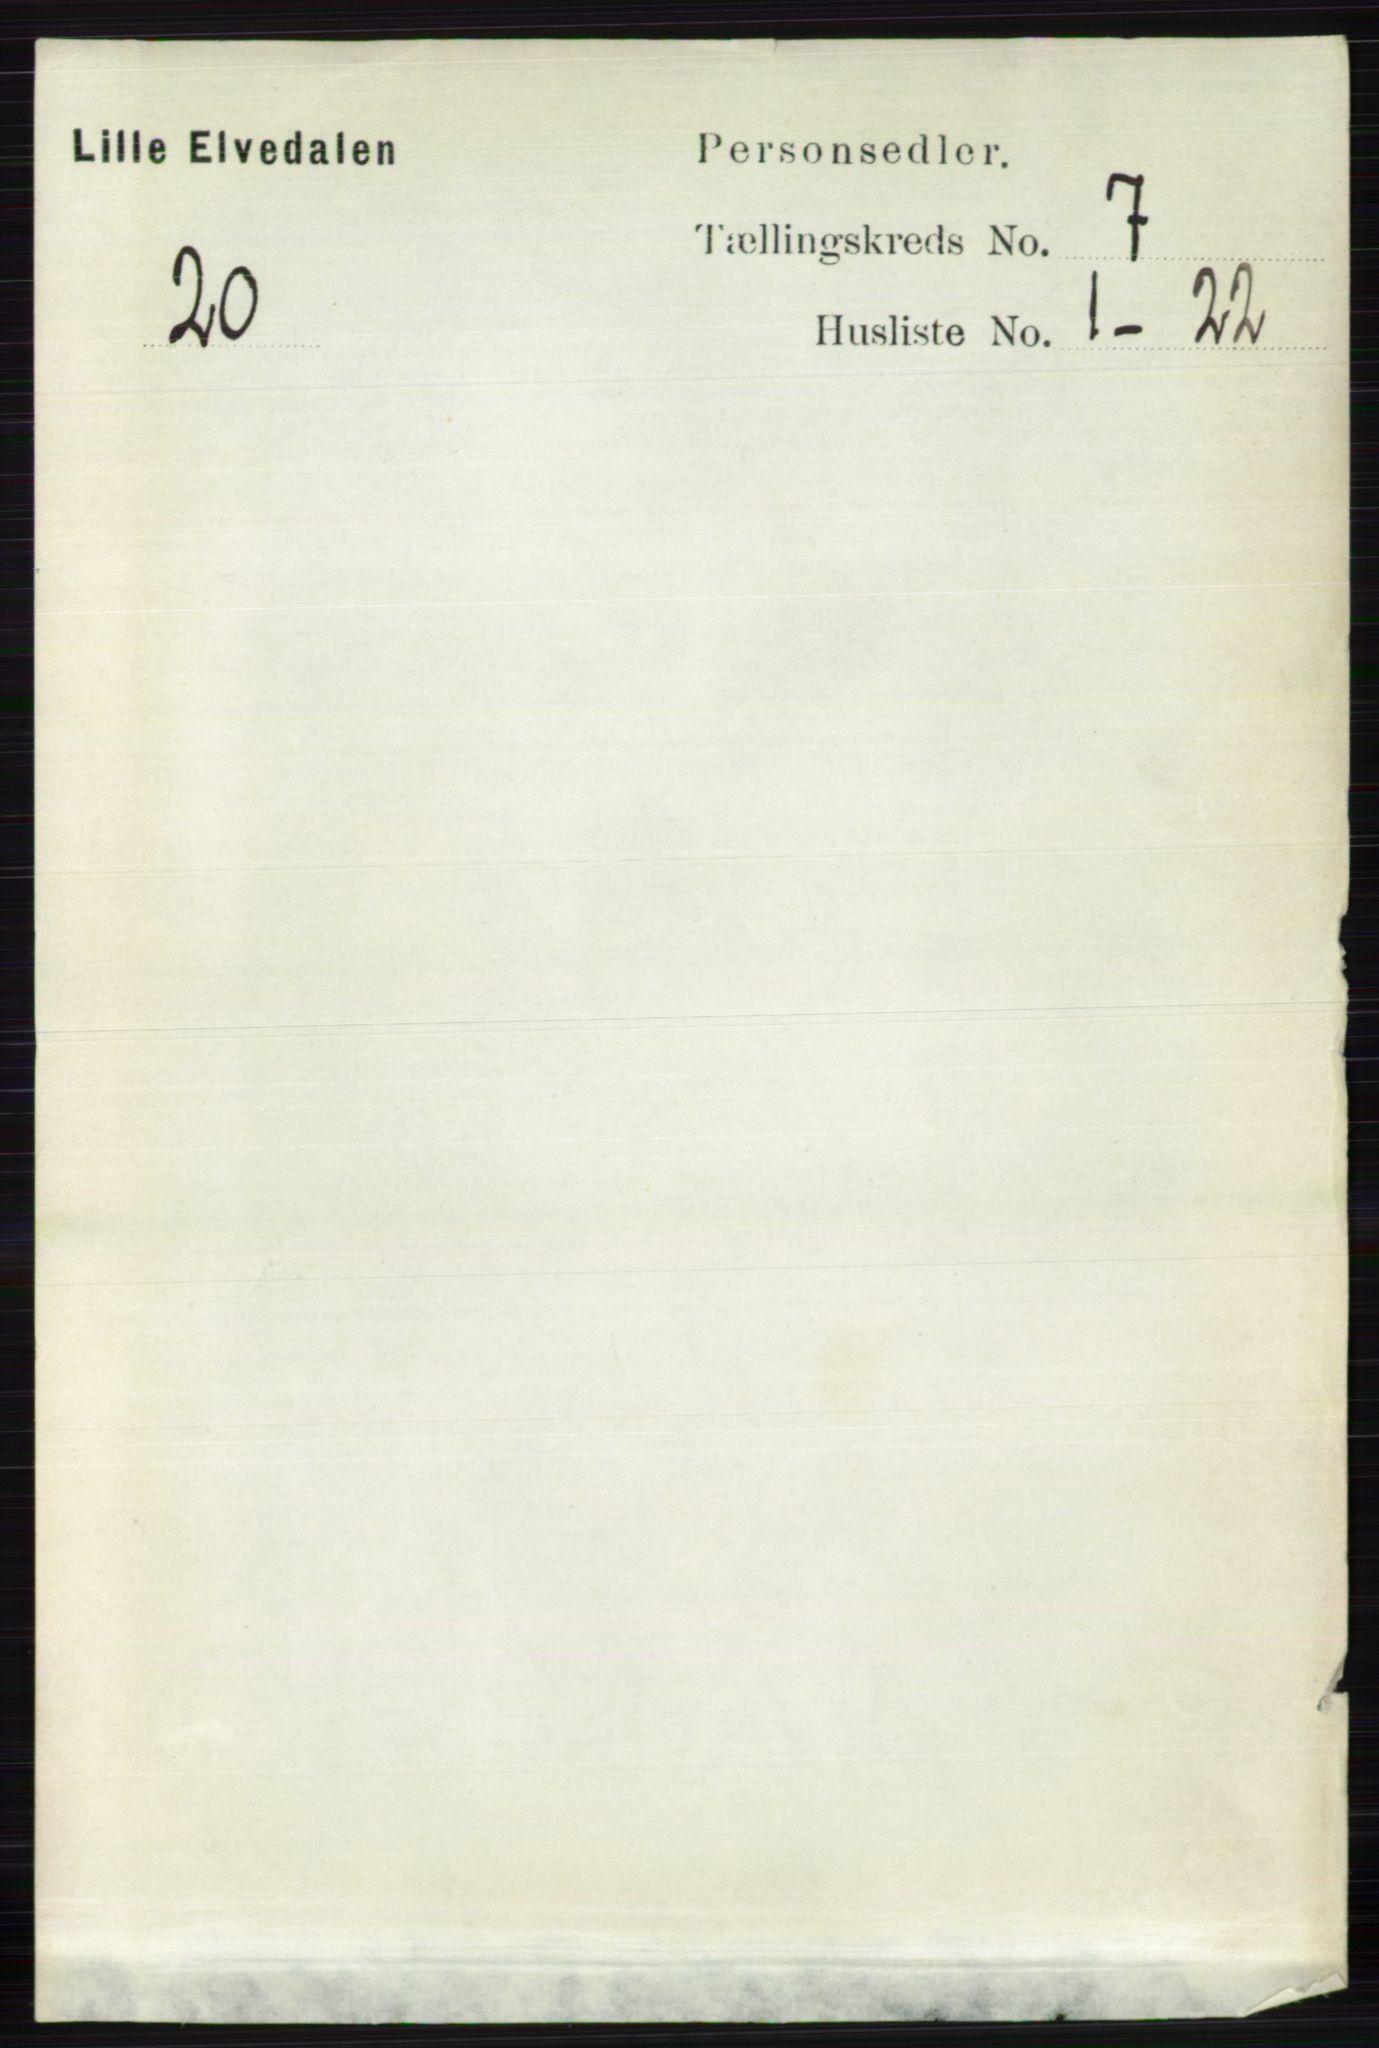 RA, Folketelling 1891 for 0438 Lille Elvedalen herred, 1891, s. 2269